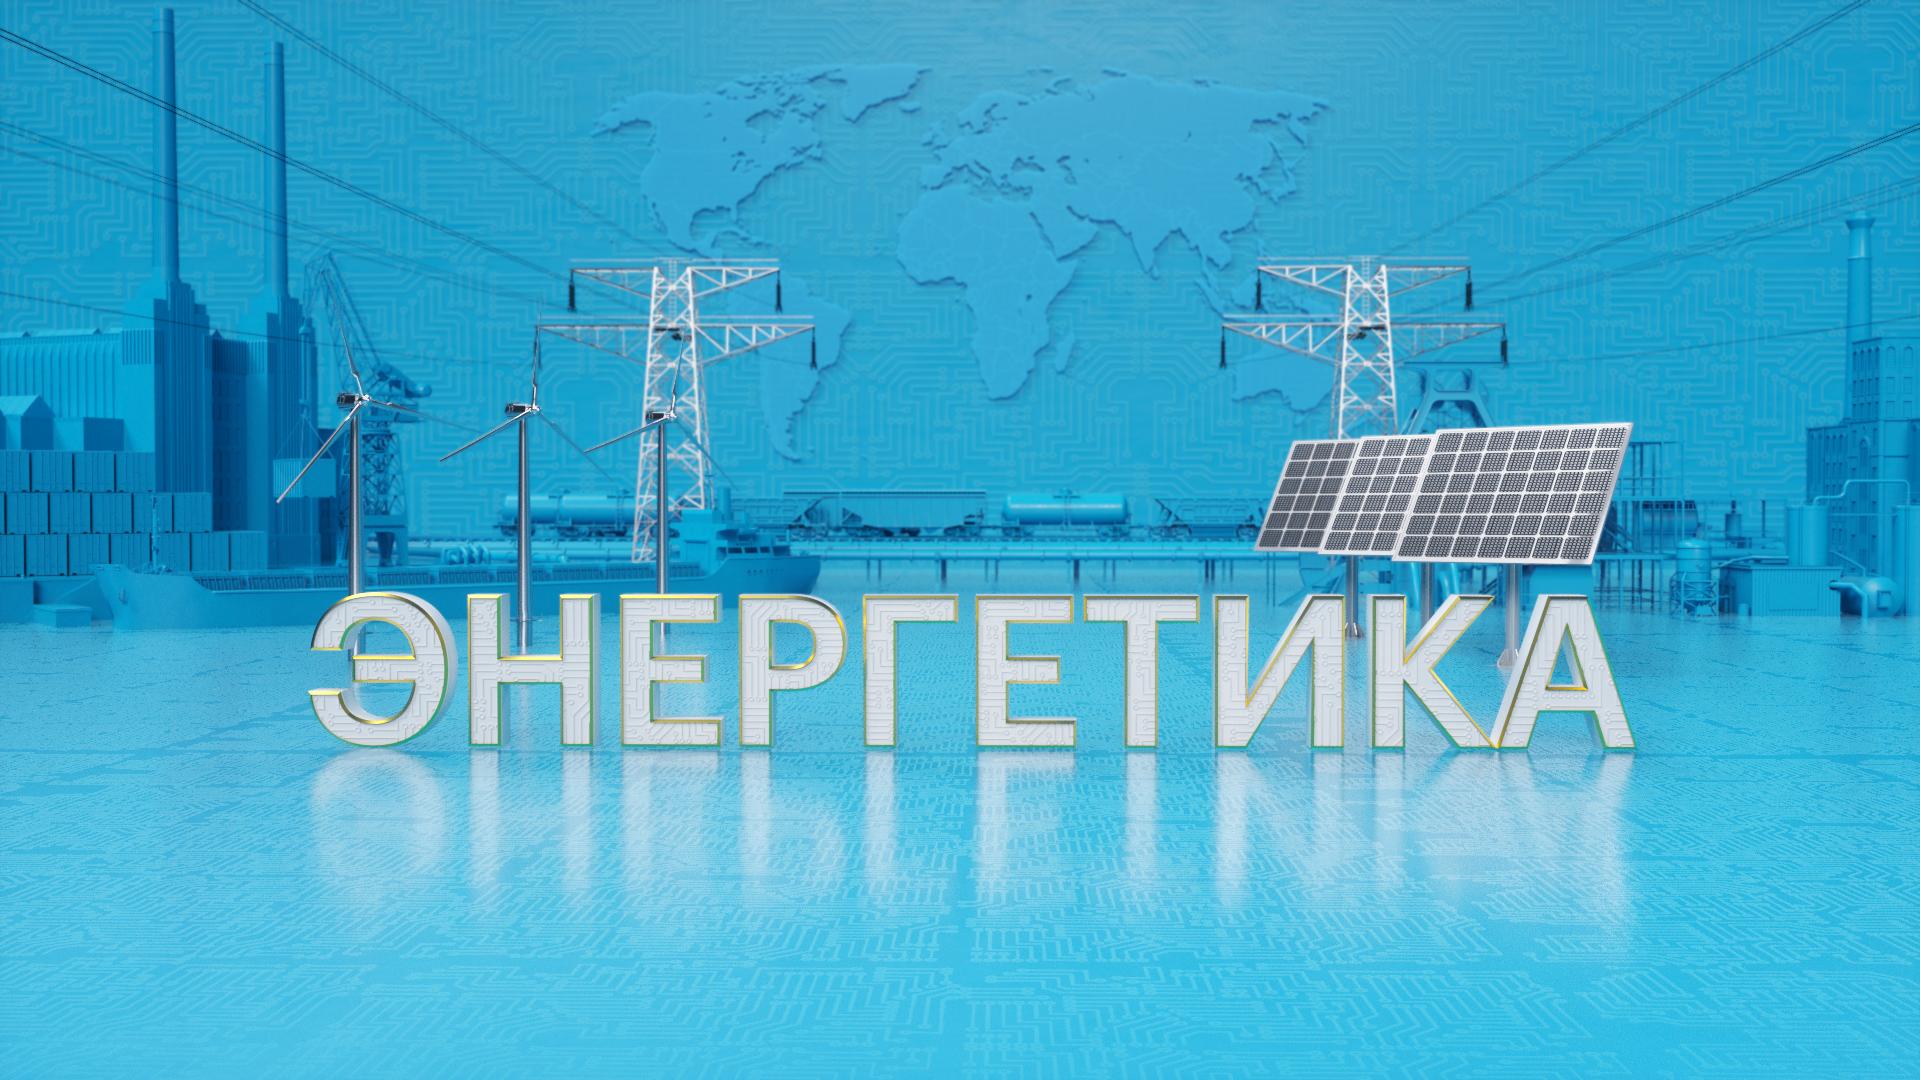 Programme: РБК+ / Энергетика 2019